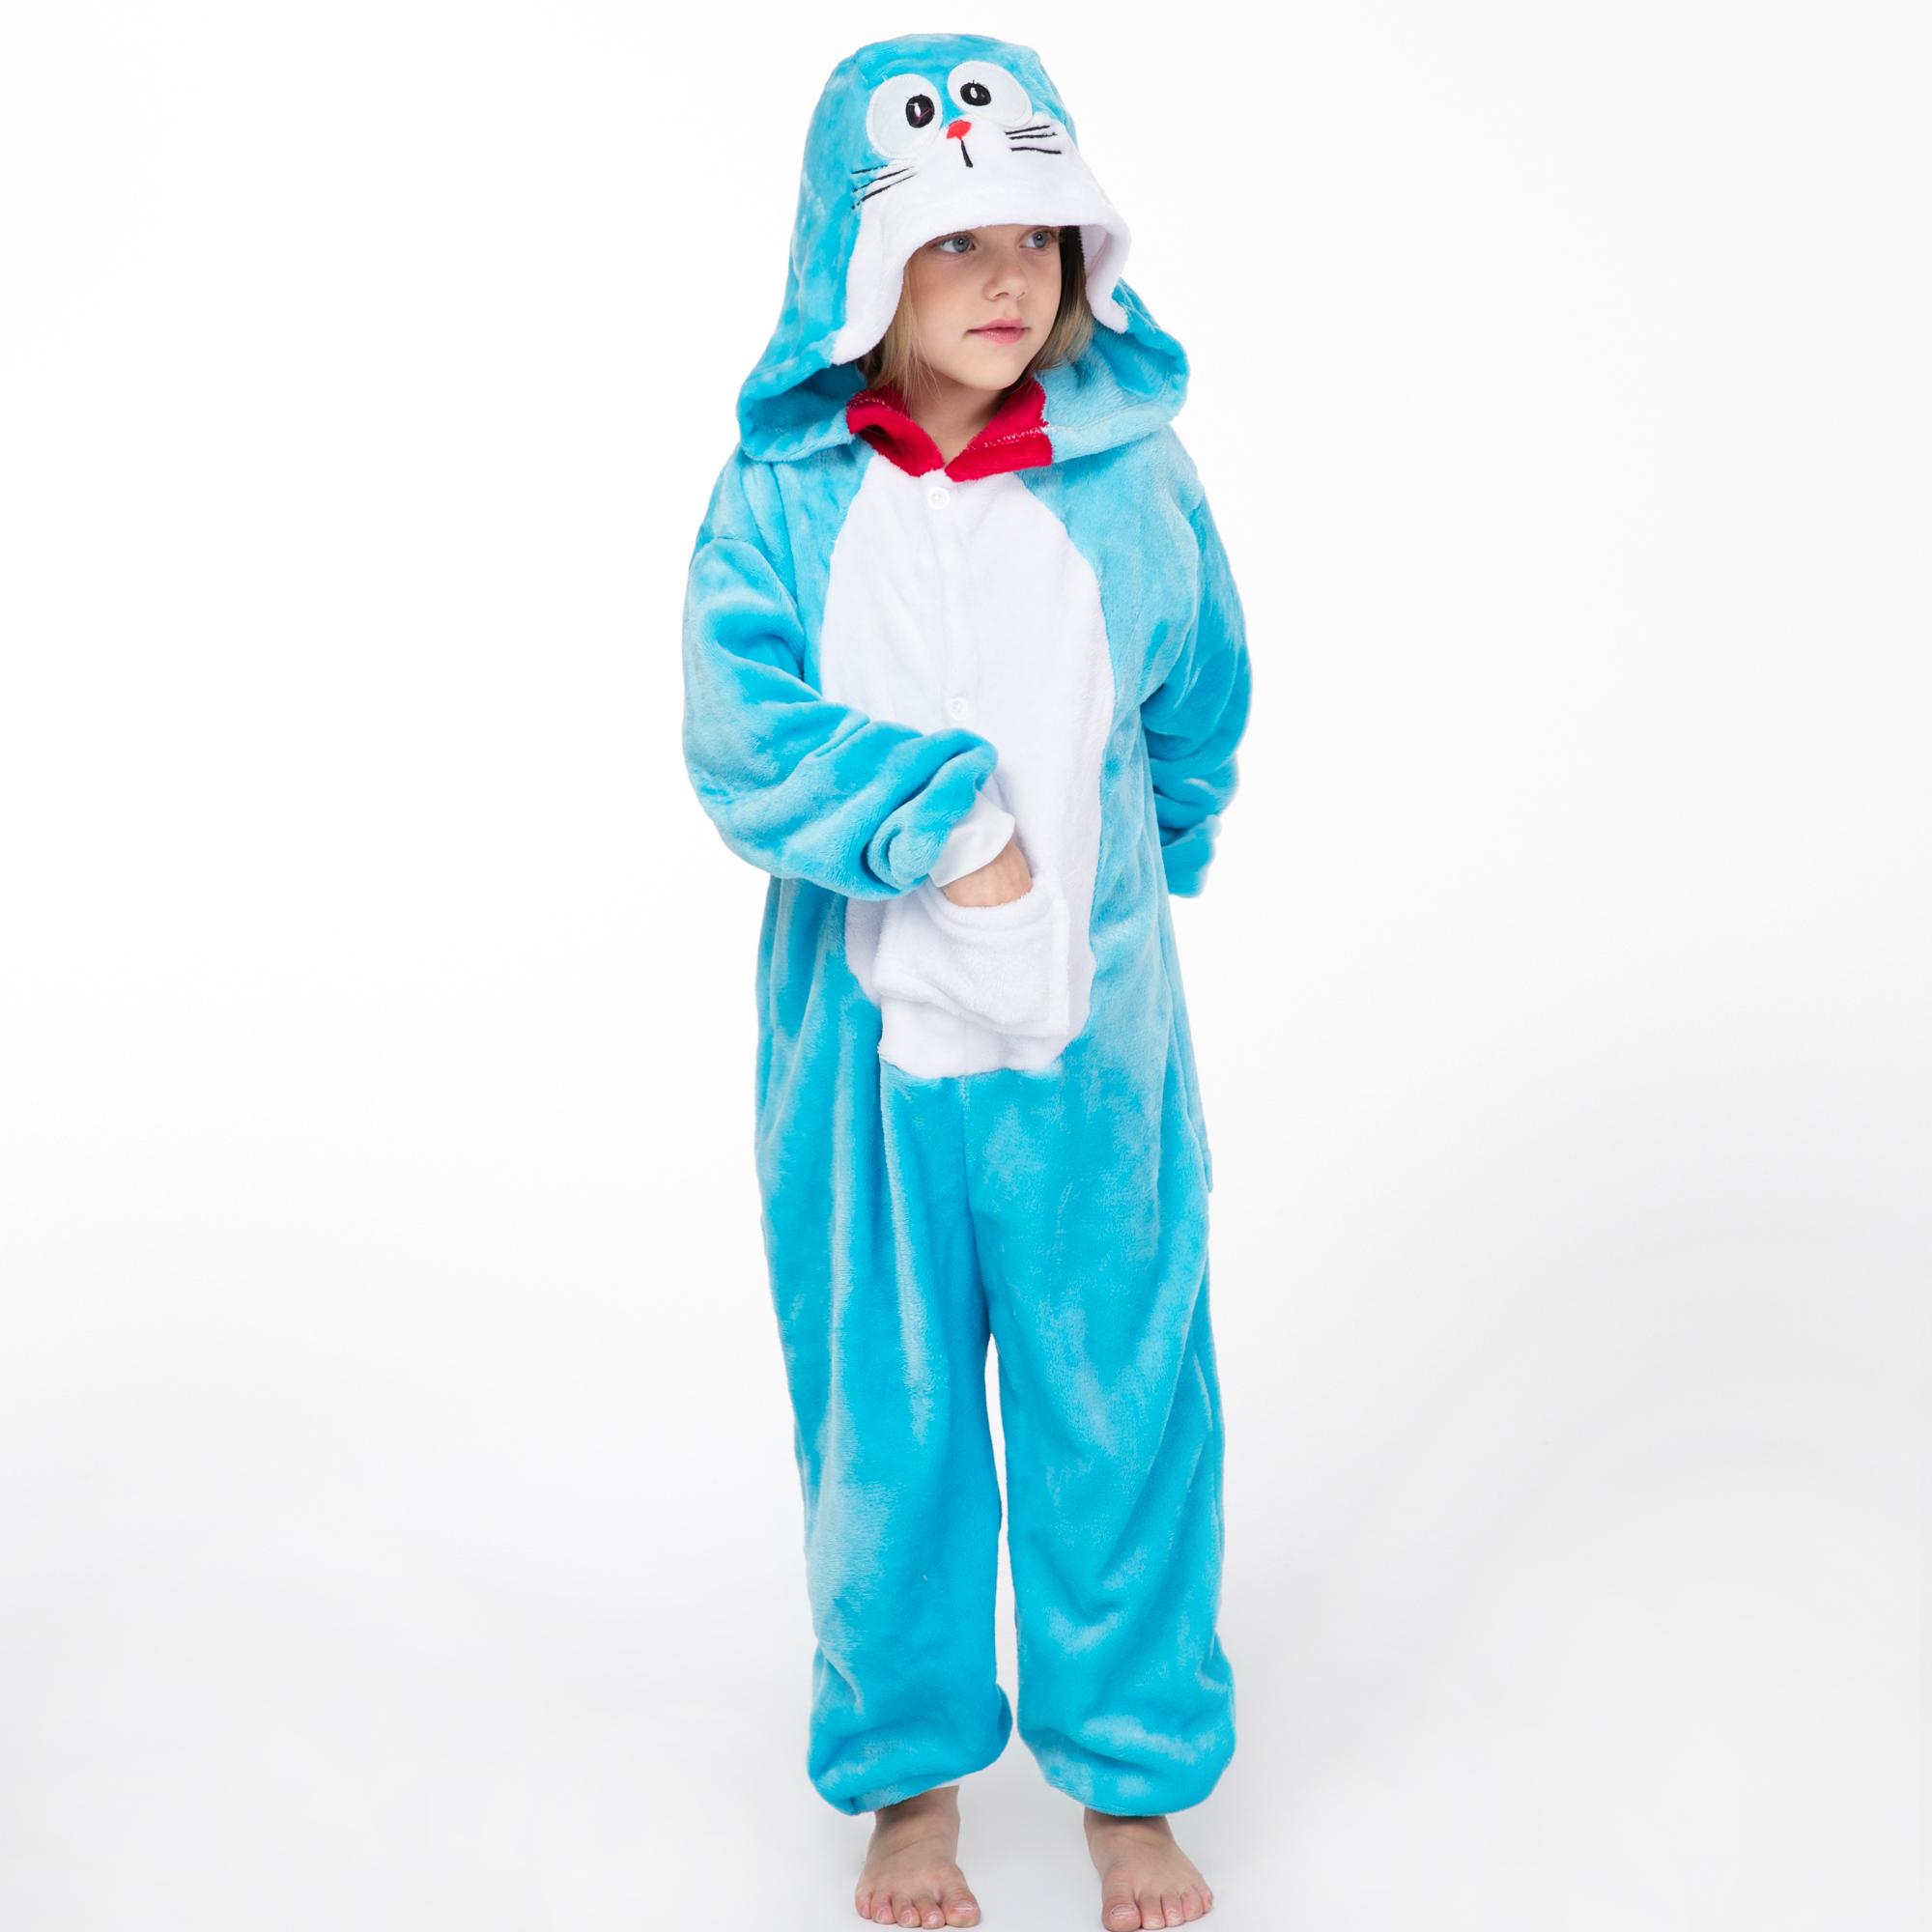 nuova collezione 7219d ab56a Scegliere Produttore alta qualità Doraemon Pigiama e ...